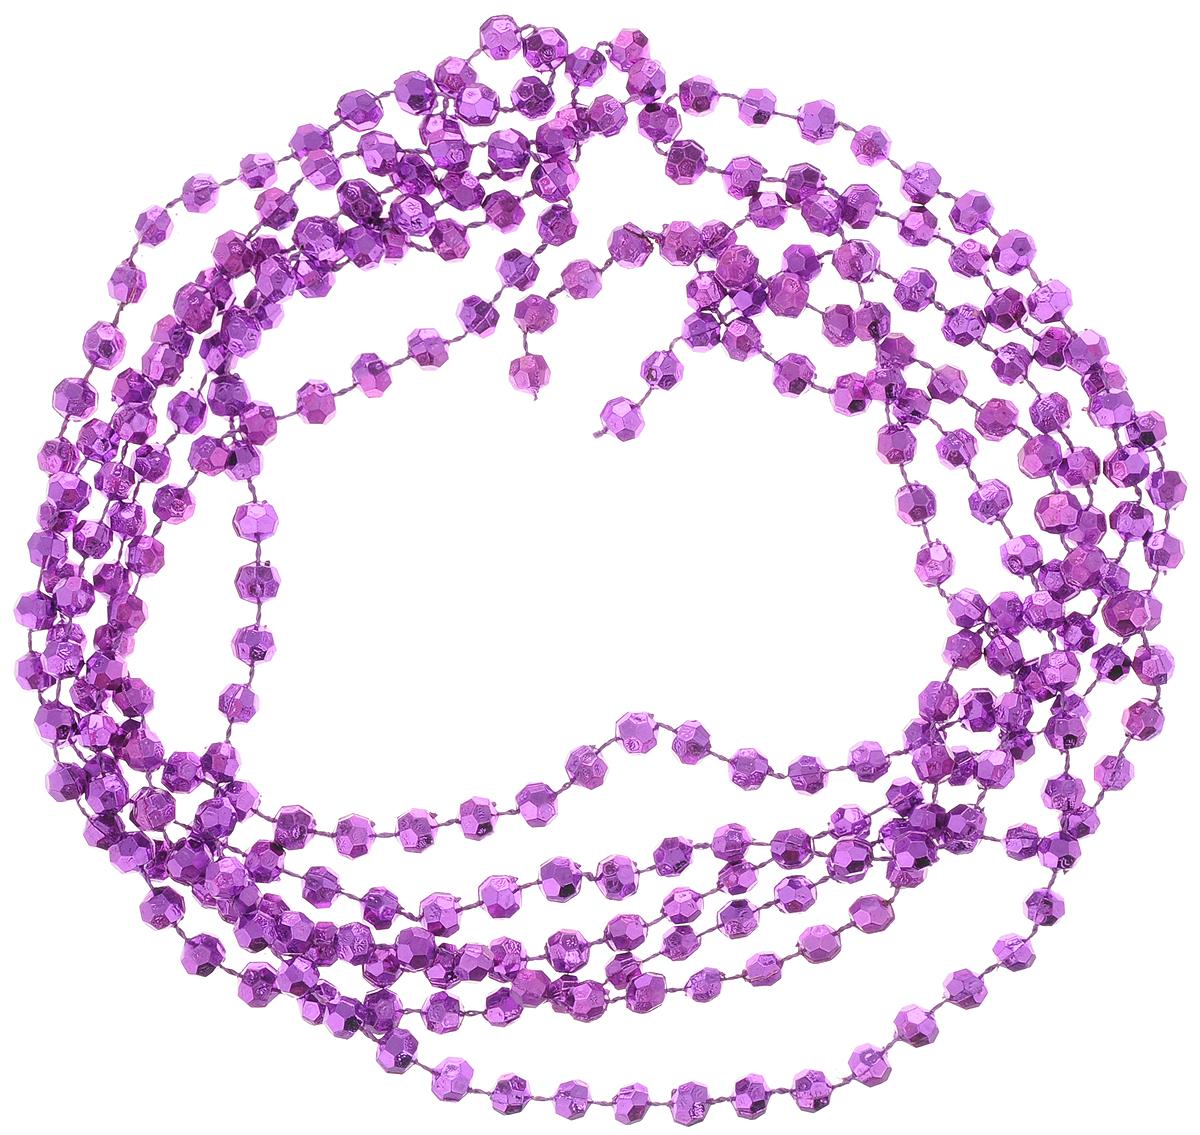 Гирлянда новогодняя Magic Time Пурпурные горошины, 2,7 м42048Новогодняя гирлянда Magic Time Пурпурные горошины, выполненная из полистирола, украсит интерьер вашего дома или офиса в преддверии Нового года. Гирлянда представляет собой бусины на нити. Оригинальный дизайн и красочное исполнение создадут праздничное настроение. Новогодние украшения всегда несут в себе волшебство и красоту праздника. Создайте в своем доме атмосферу тепла, веселья и радости, украшая его всей семьей. Диаметр бусины: 7 мм.